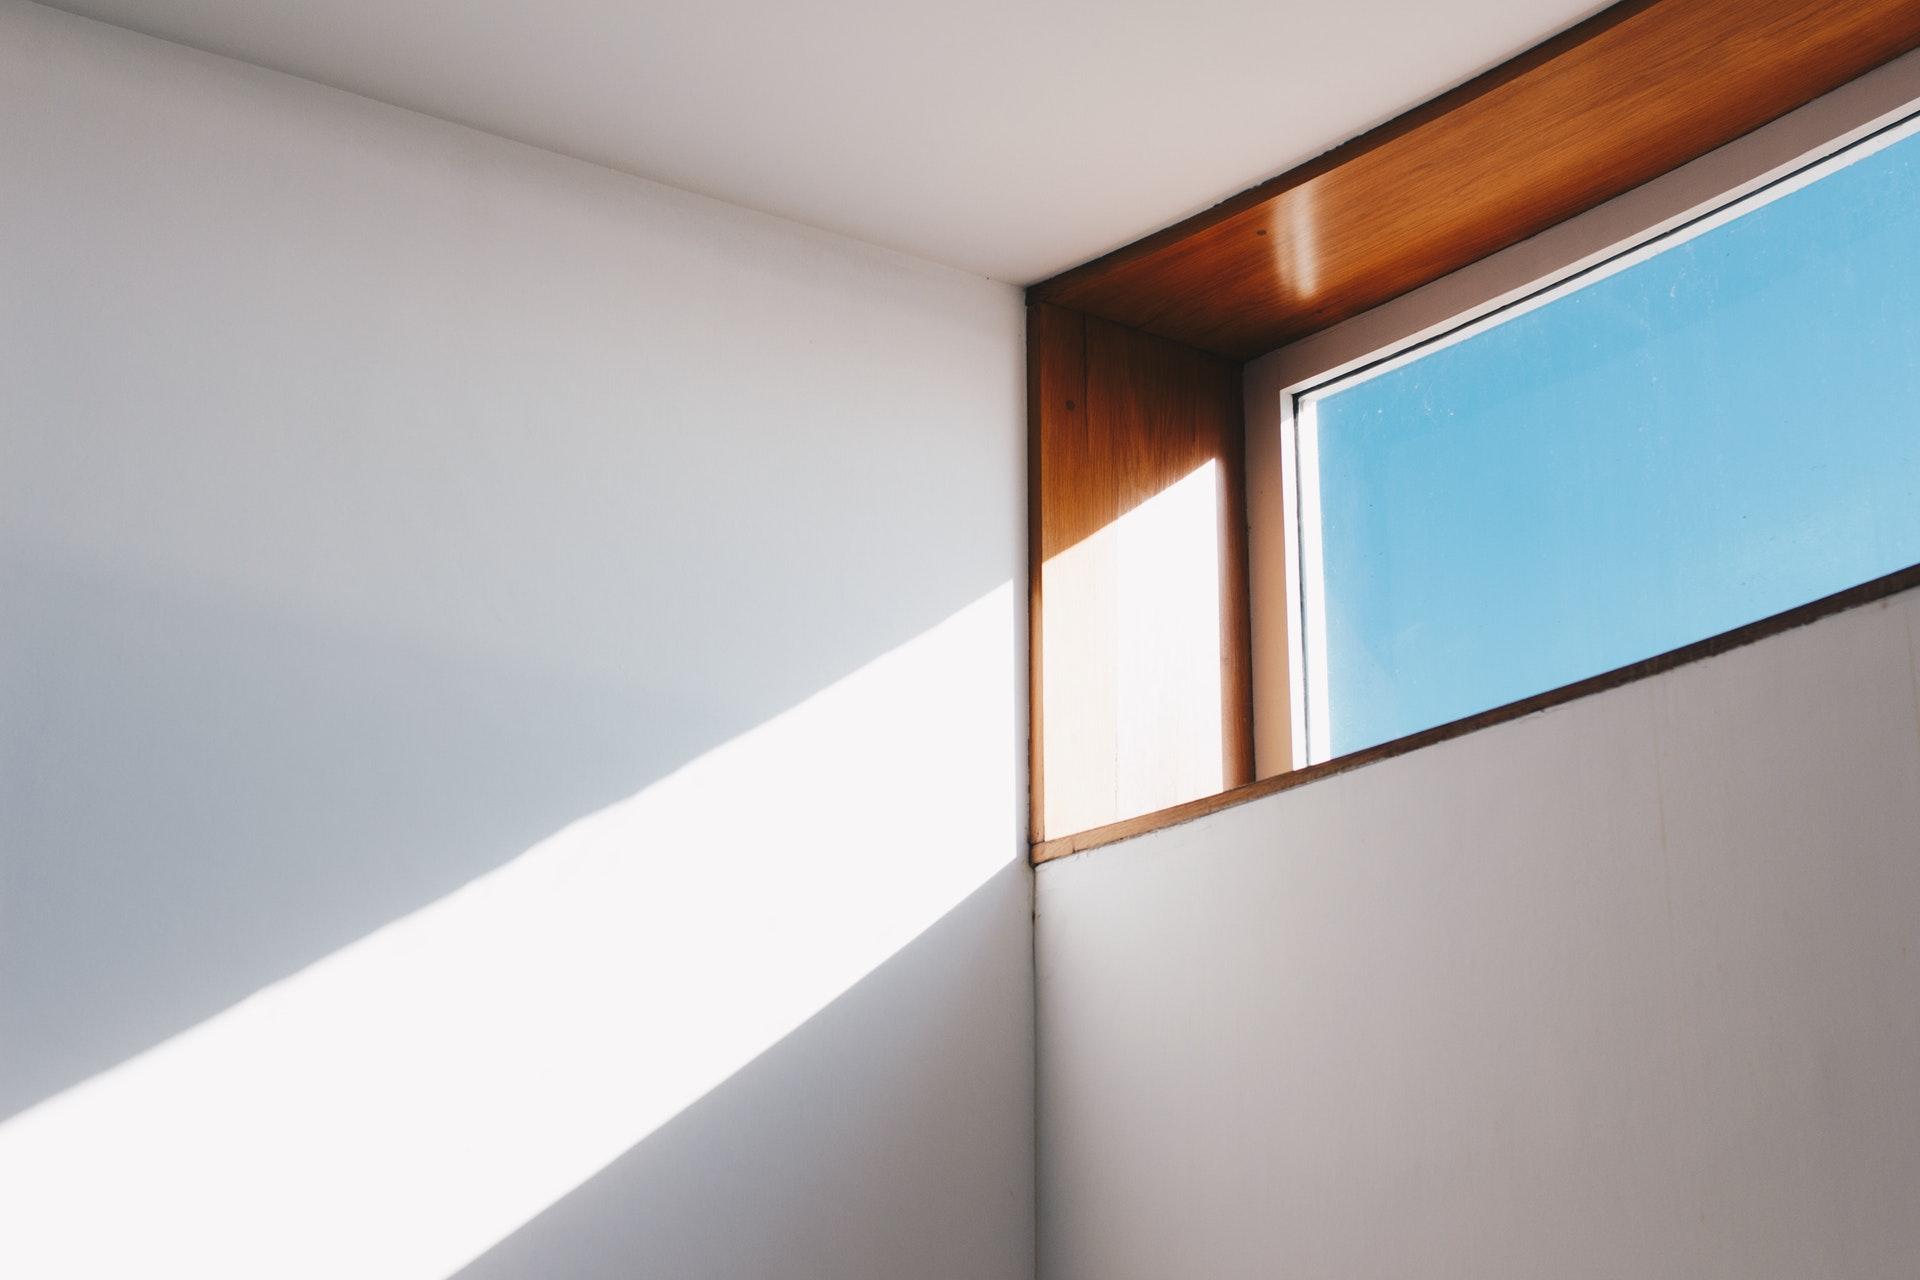 Szklane drzwi w biurze